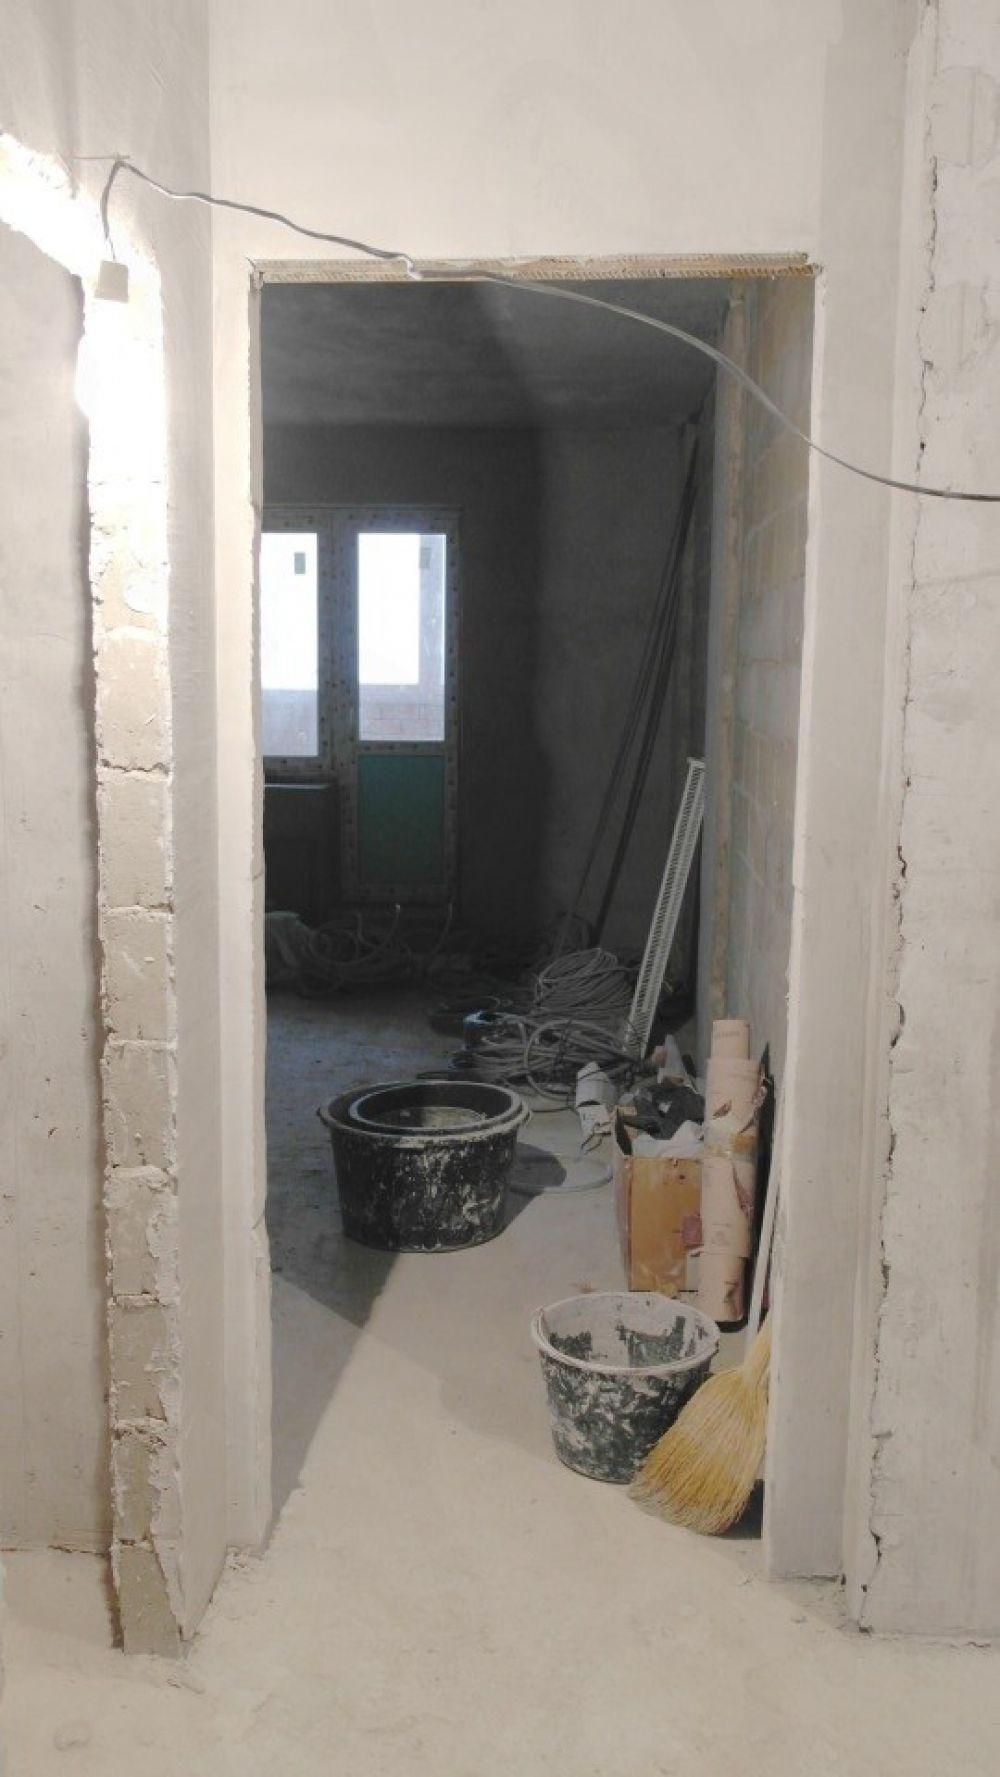 2-к квартира,  Щёлково, ул. Жегаловская, д. 29, фото 6